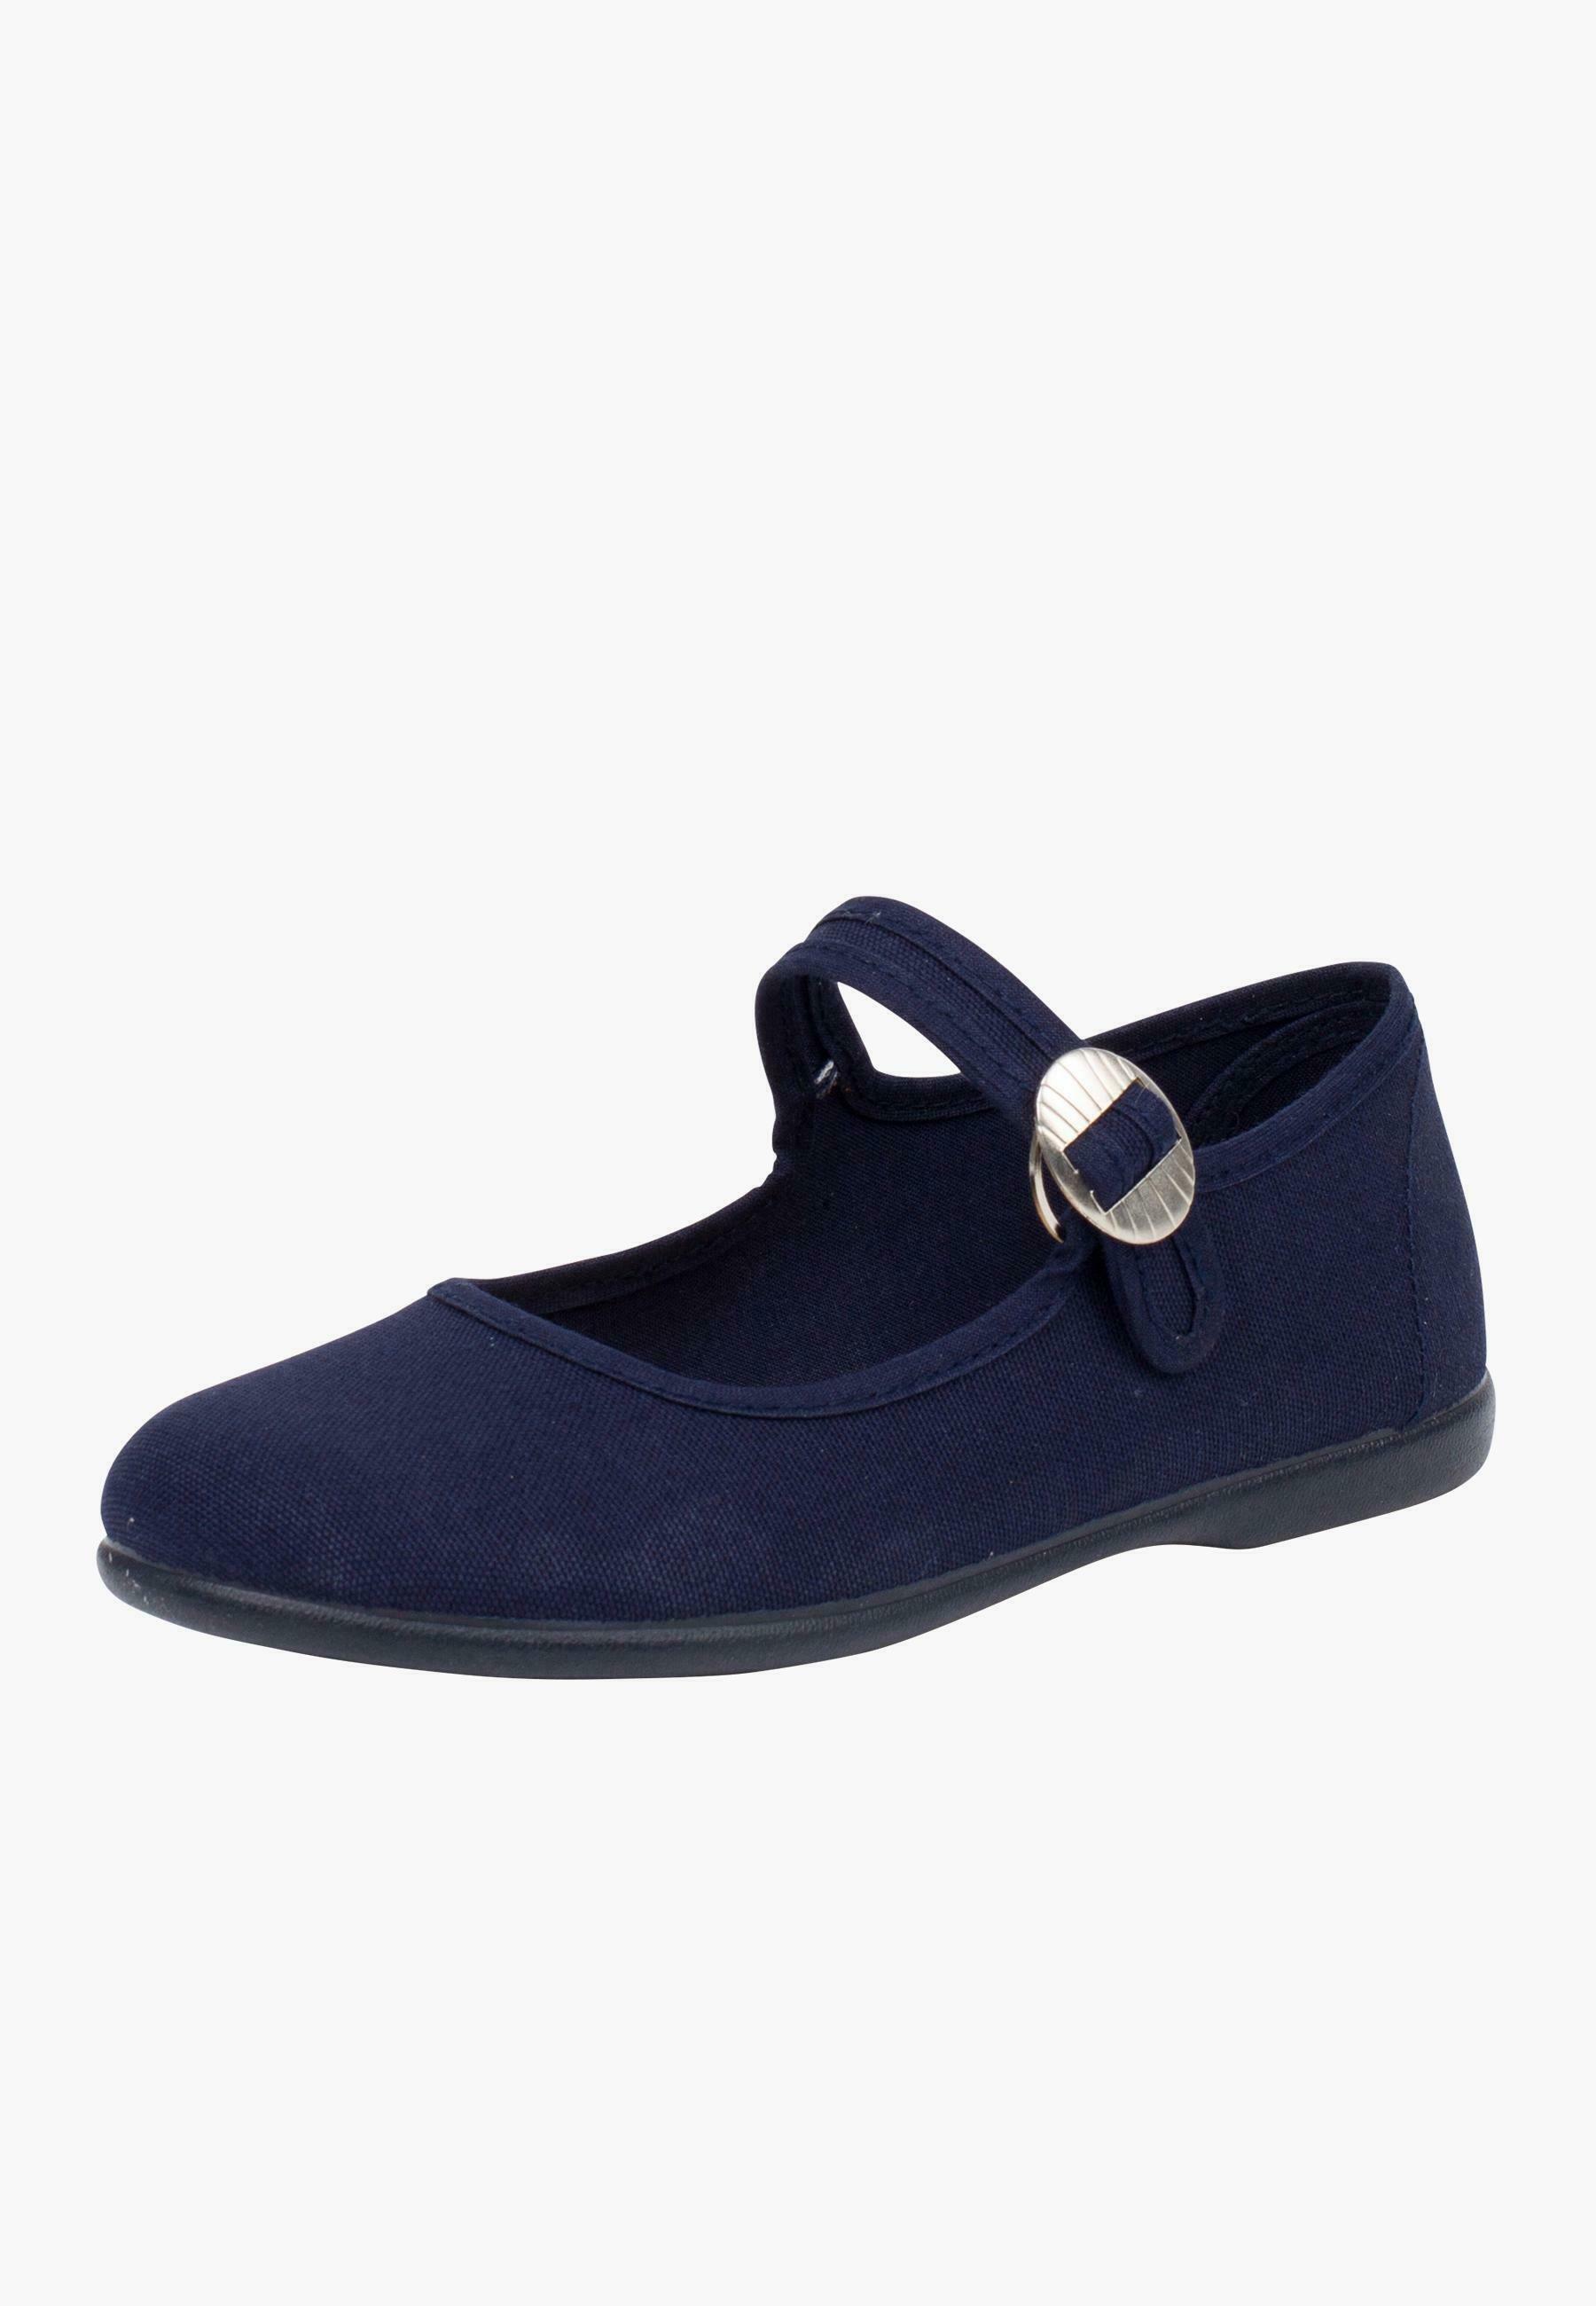 Enfant JAPONESA - Chaussures premiers pas